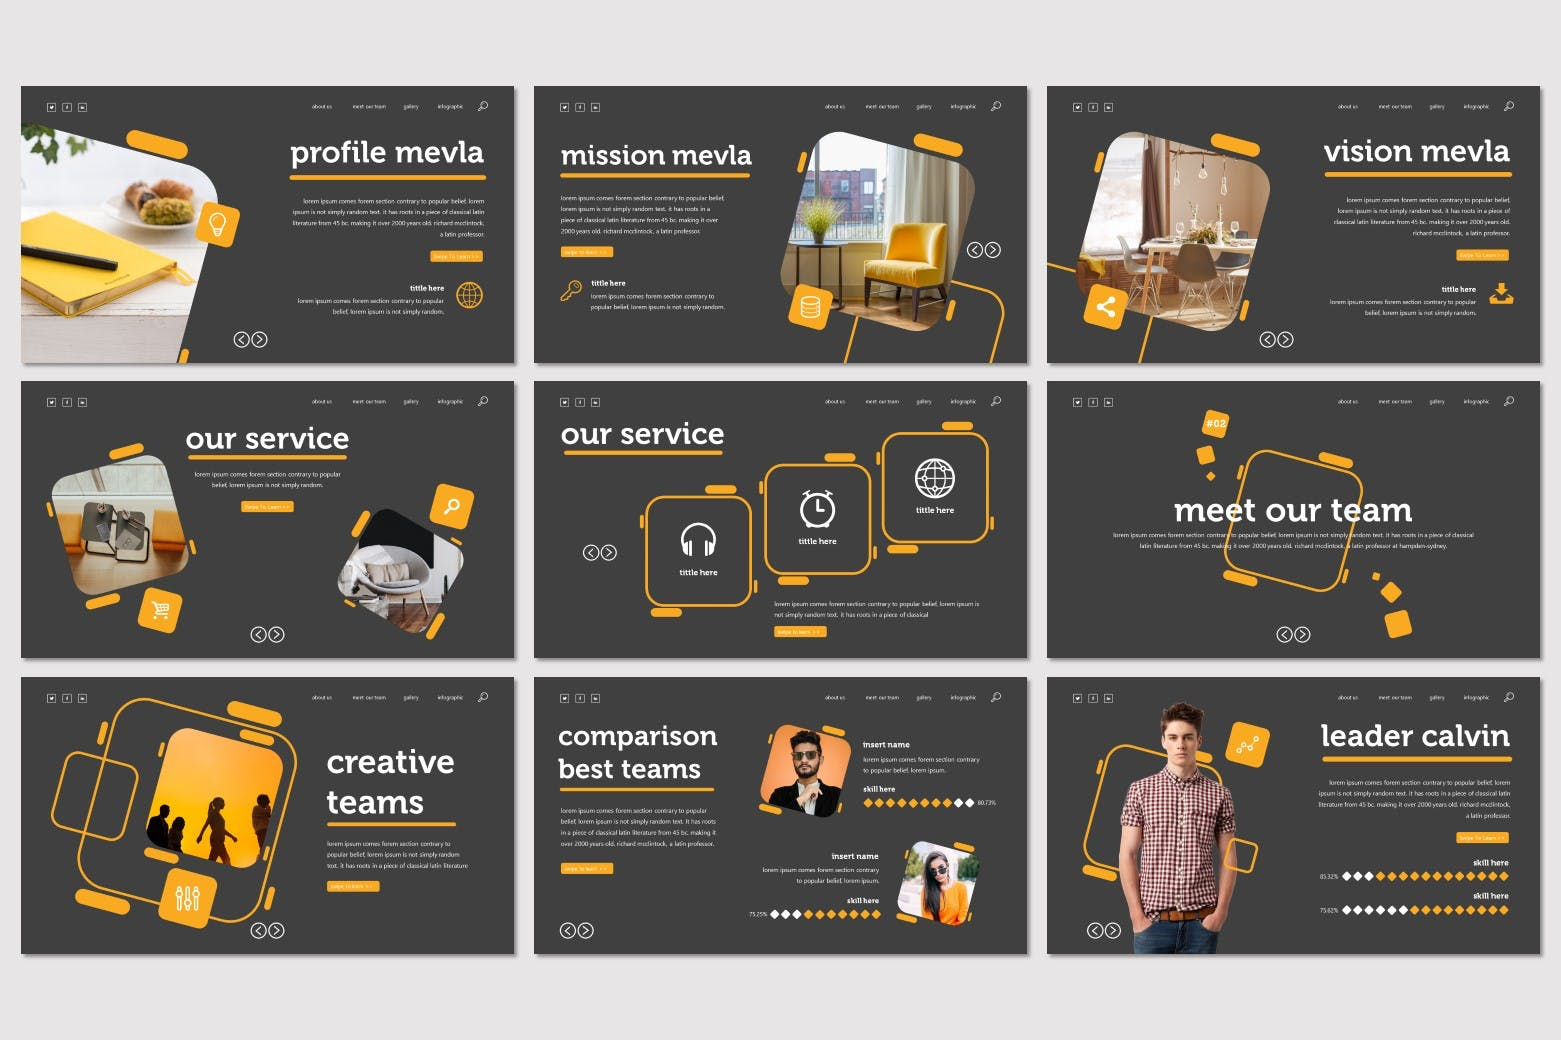 产品展示智能手表样式Keynote幻灯片设计模板 Mevla – Keynote Template设计素材模板